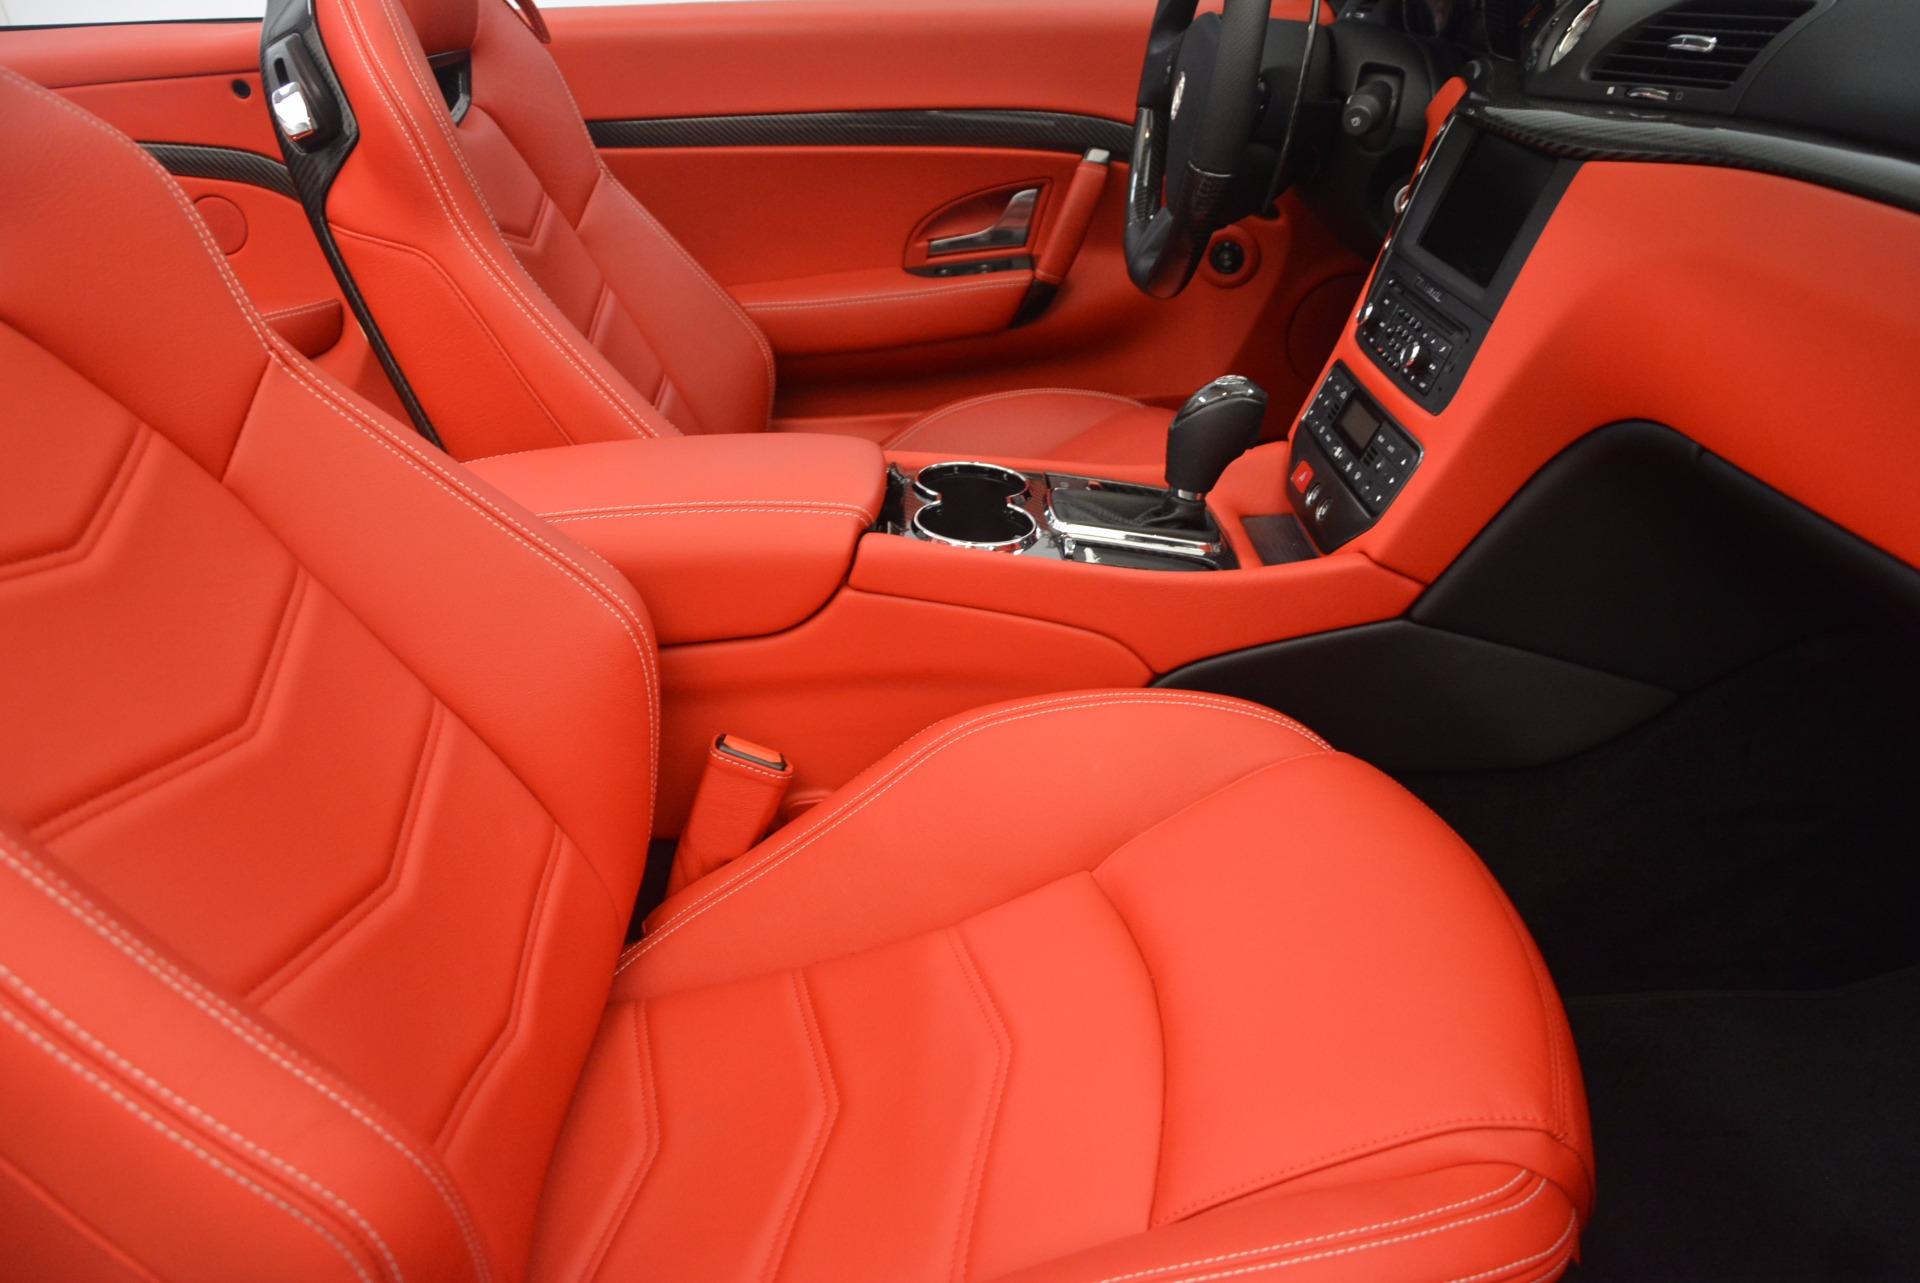 Used 2015 Maserati GranTurismo MC For Sale In Greenwich, CT 1135_p33